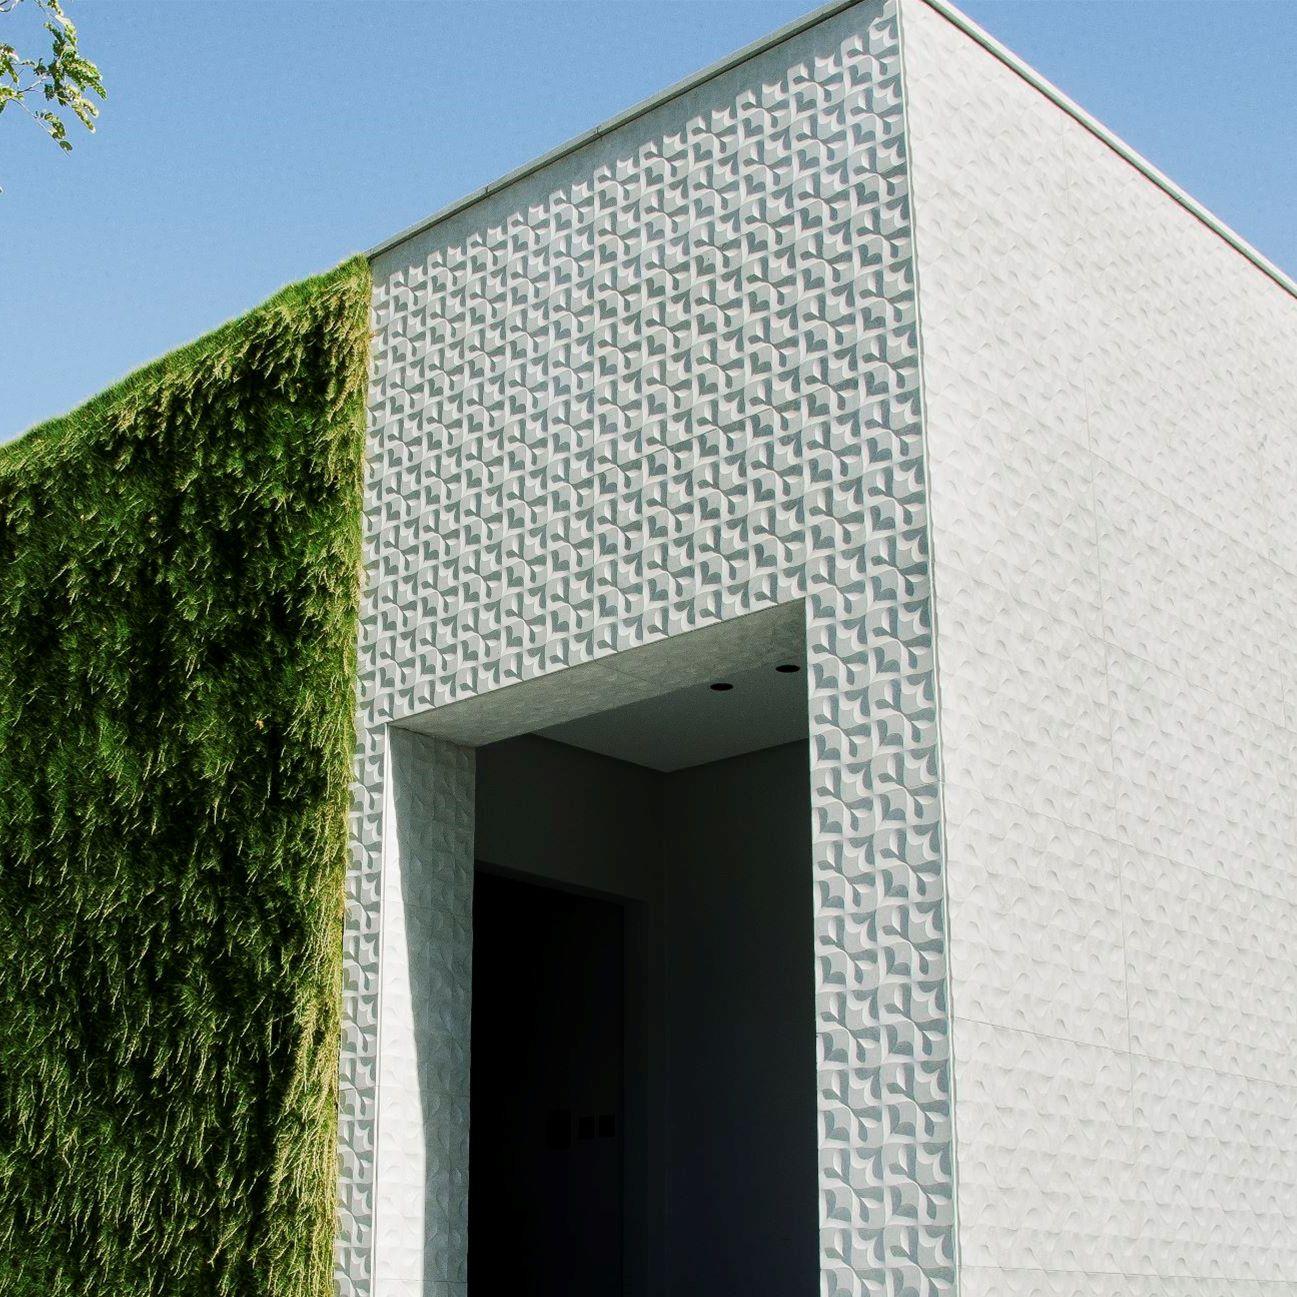 panel decorativo de piedra natural de mrmol para interior virgola by raffaello galiotto